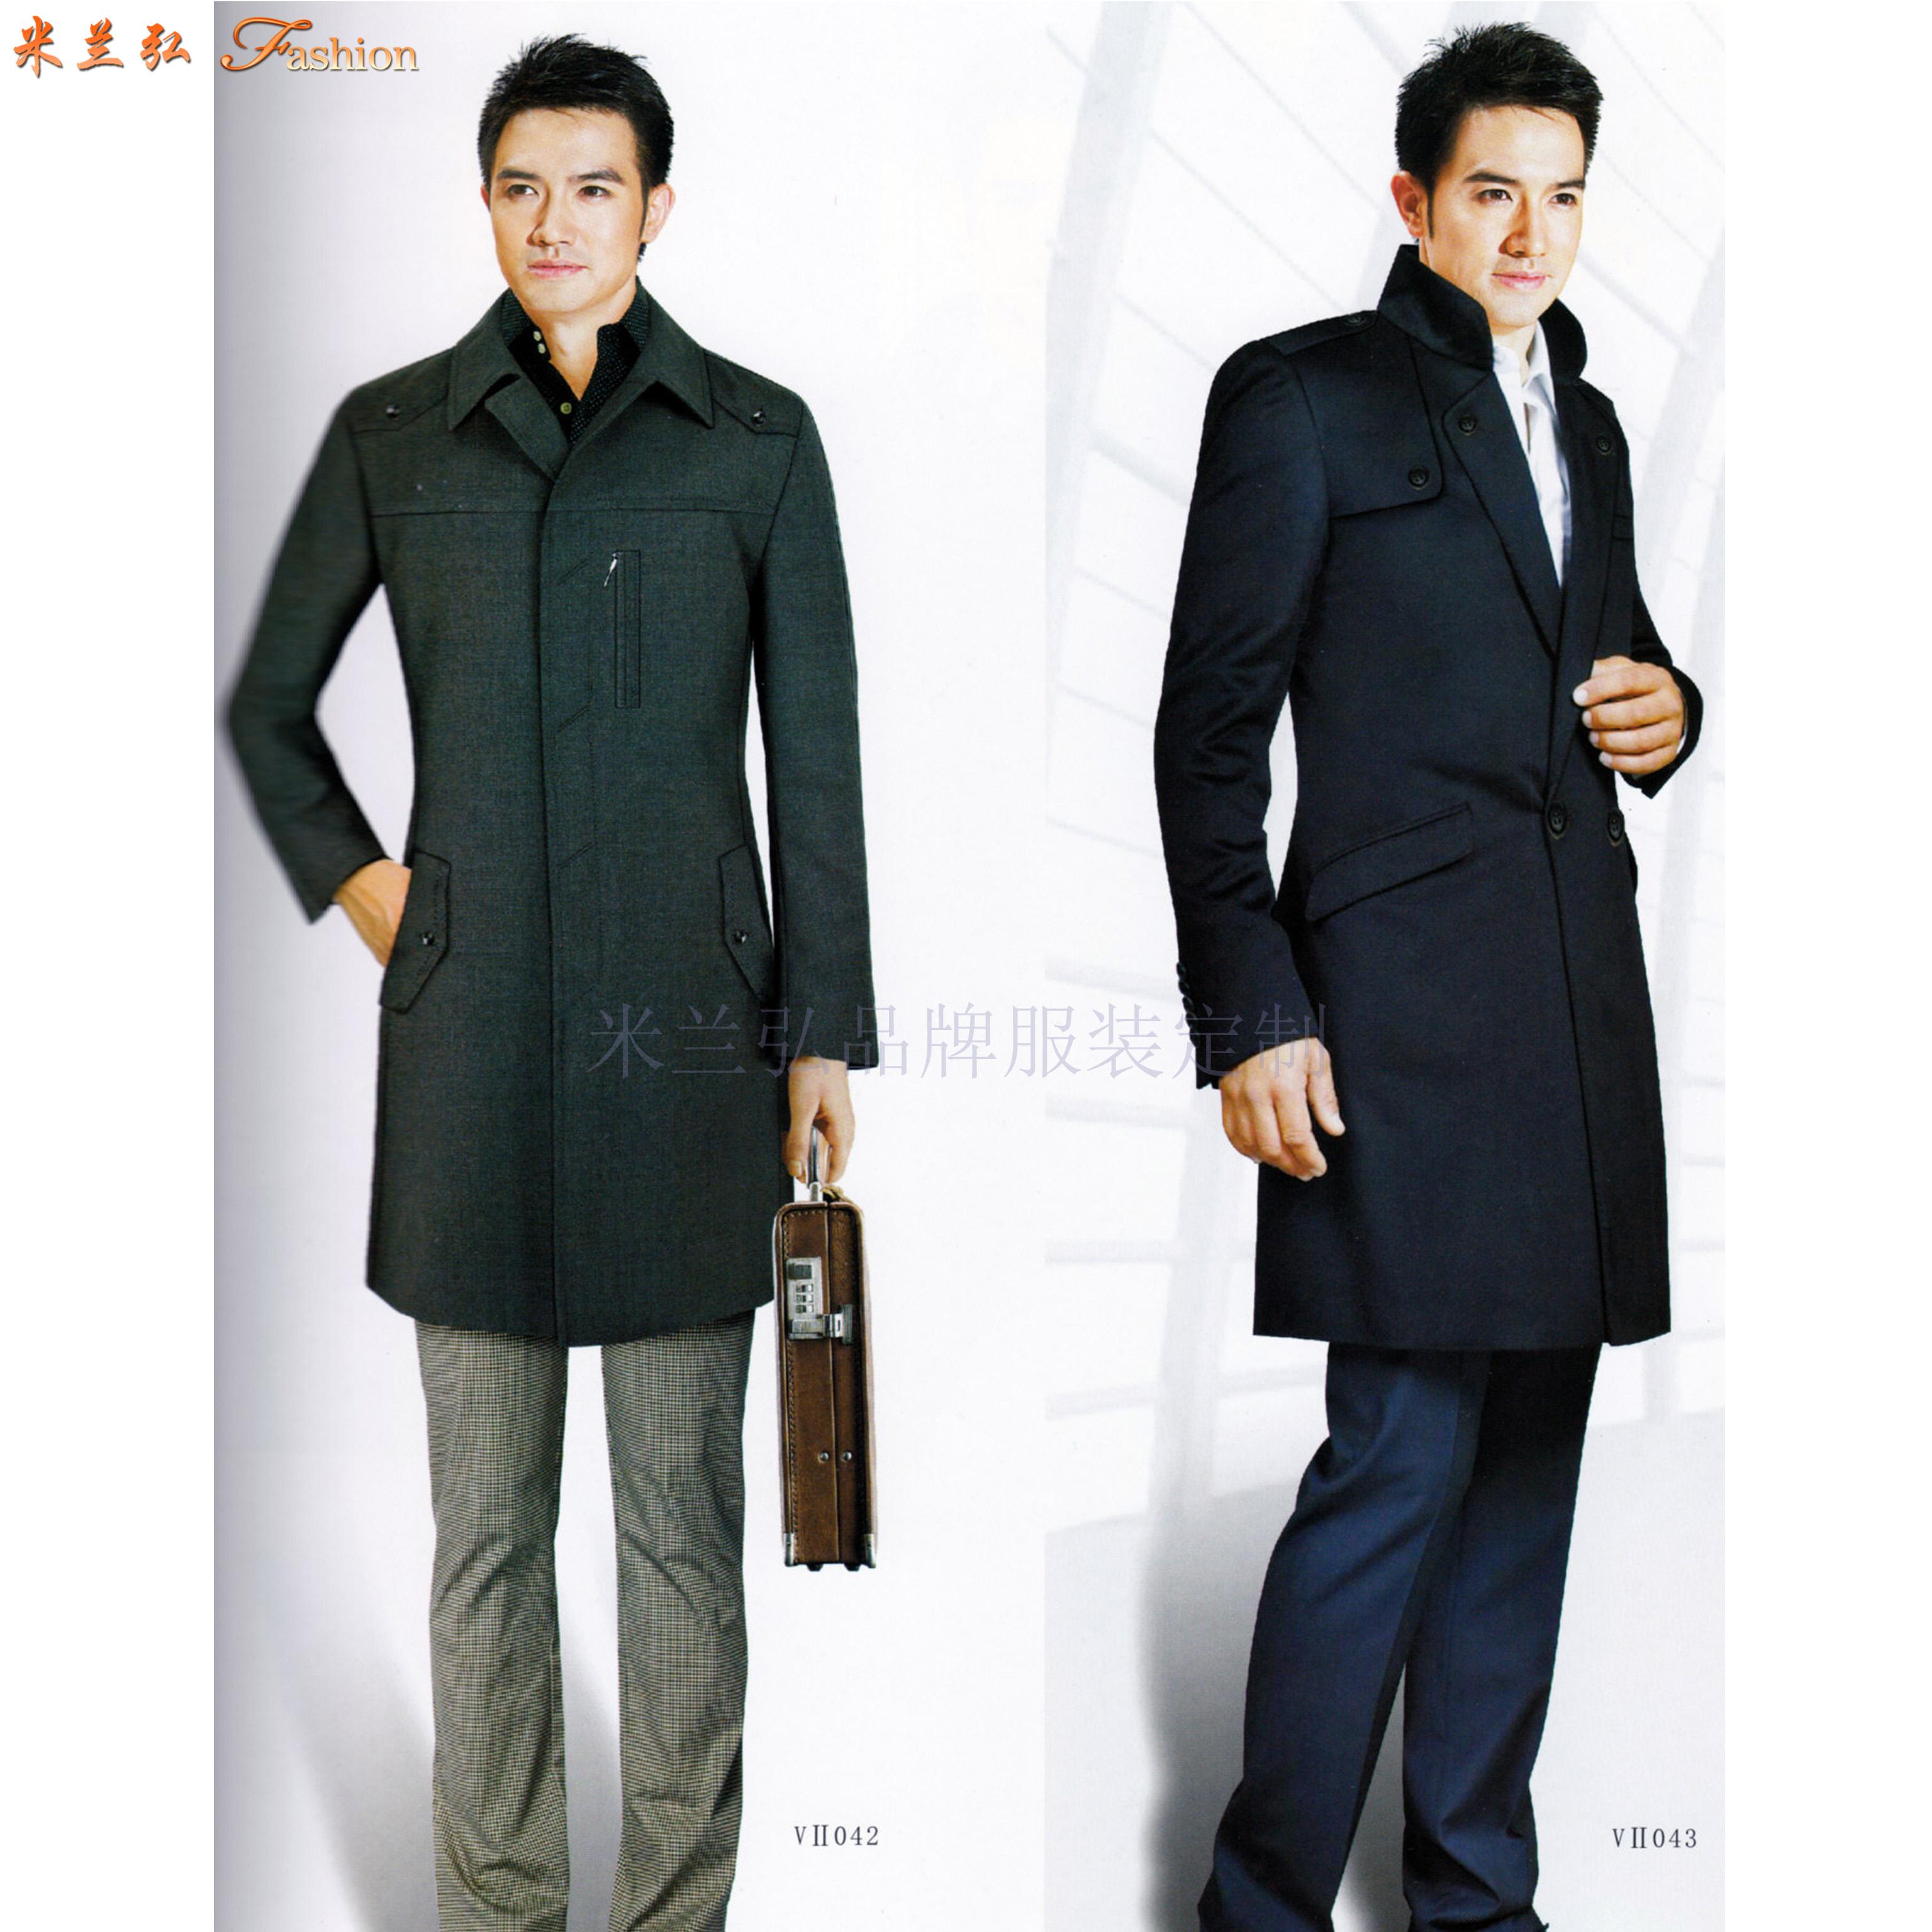 大衣定制價格多少?米蘭弘定做毛滌商務男女大衣價格低于699元-3